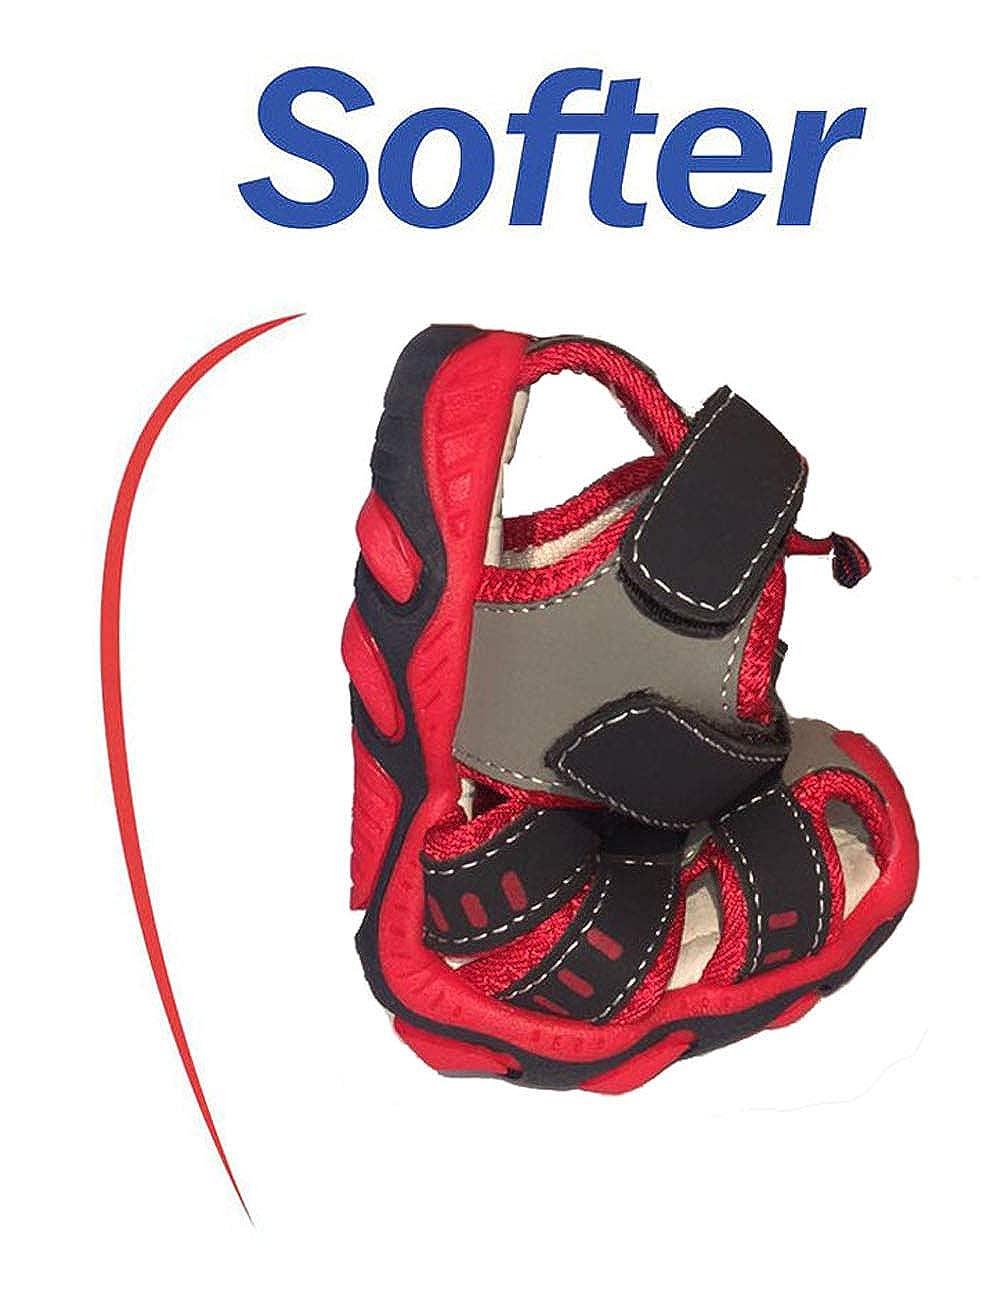 Sandalias Punta Cerrada para Unisex Ni/ños Flexible Suave Sandalias para Ni/ñas Ni/ños Verano Playa Anti-Deslizante Zapatillas